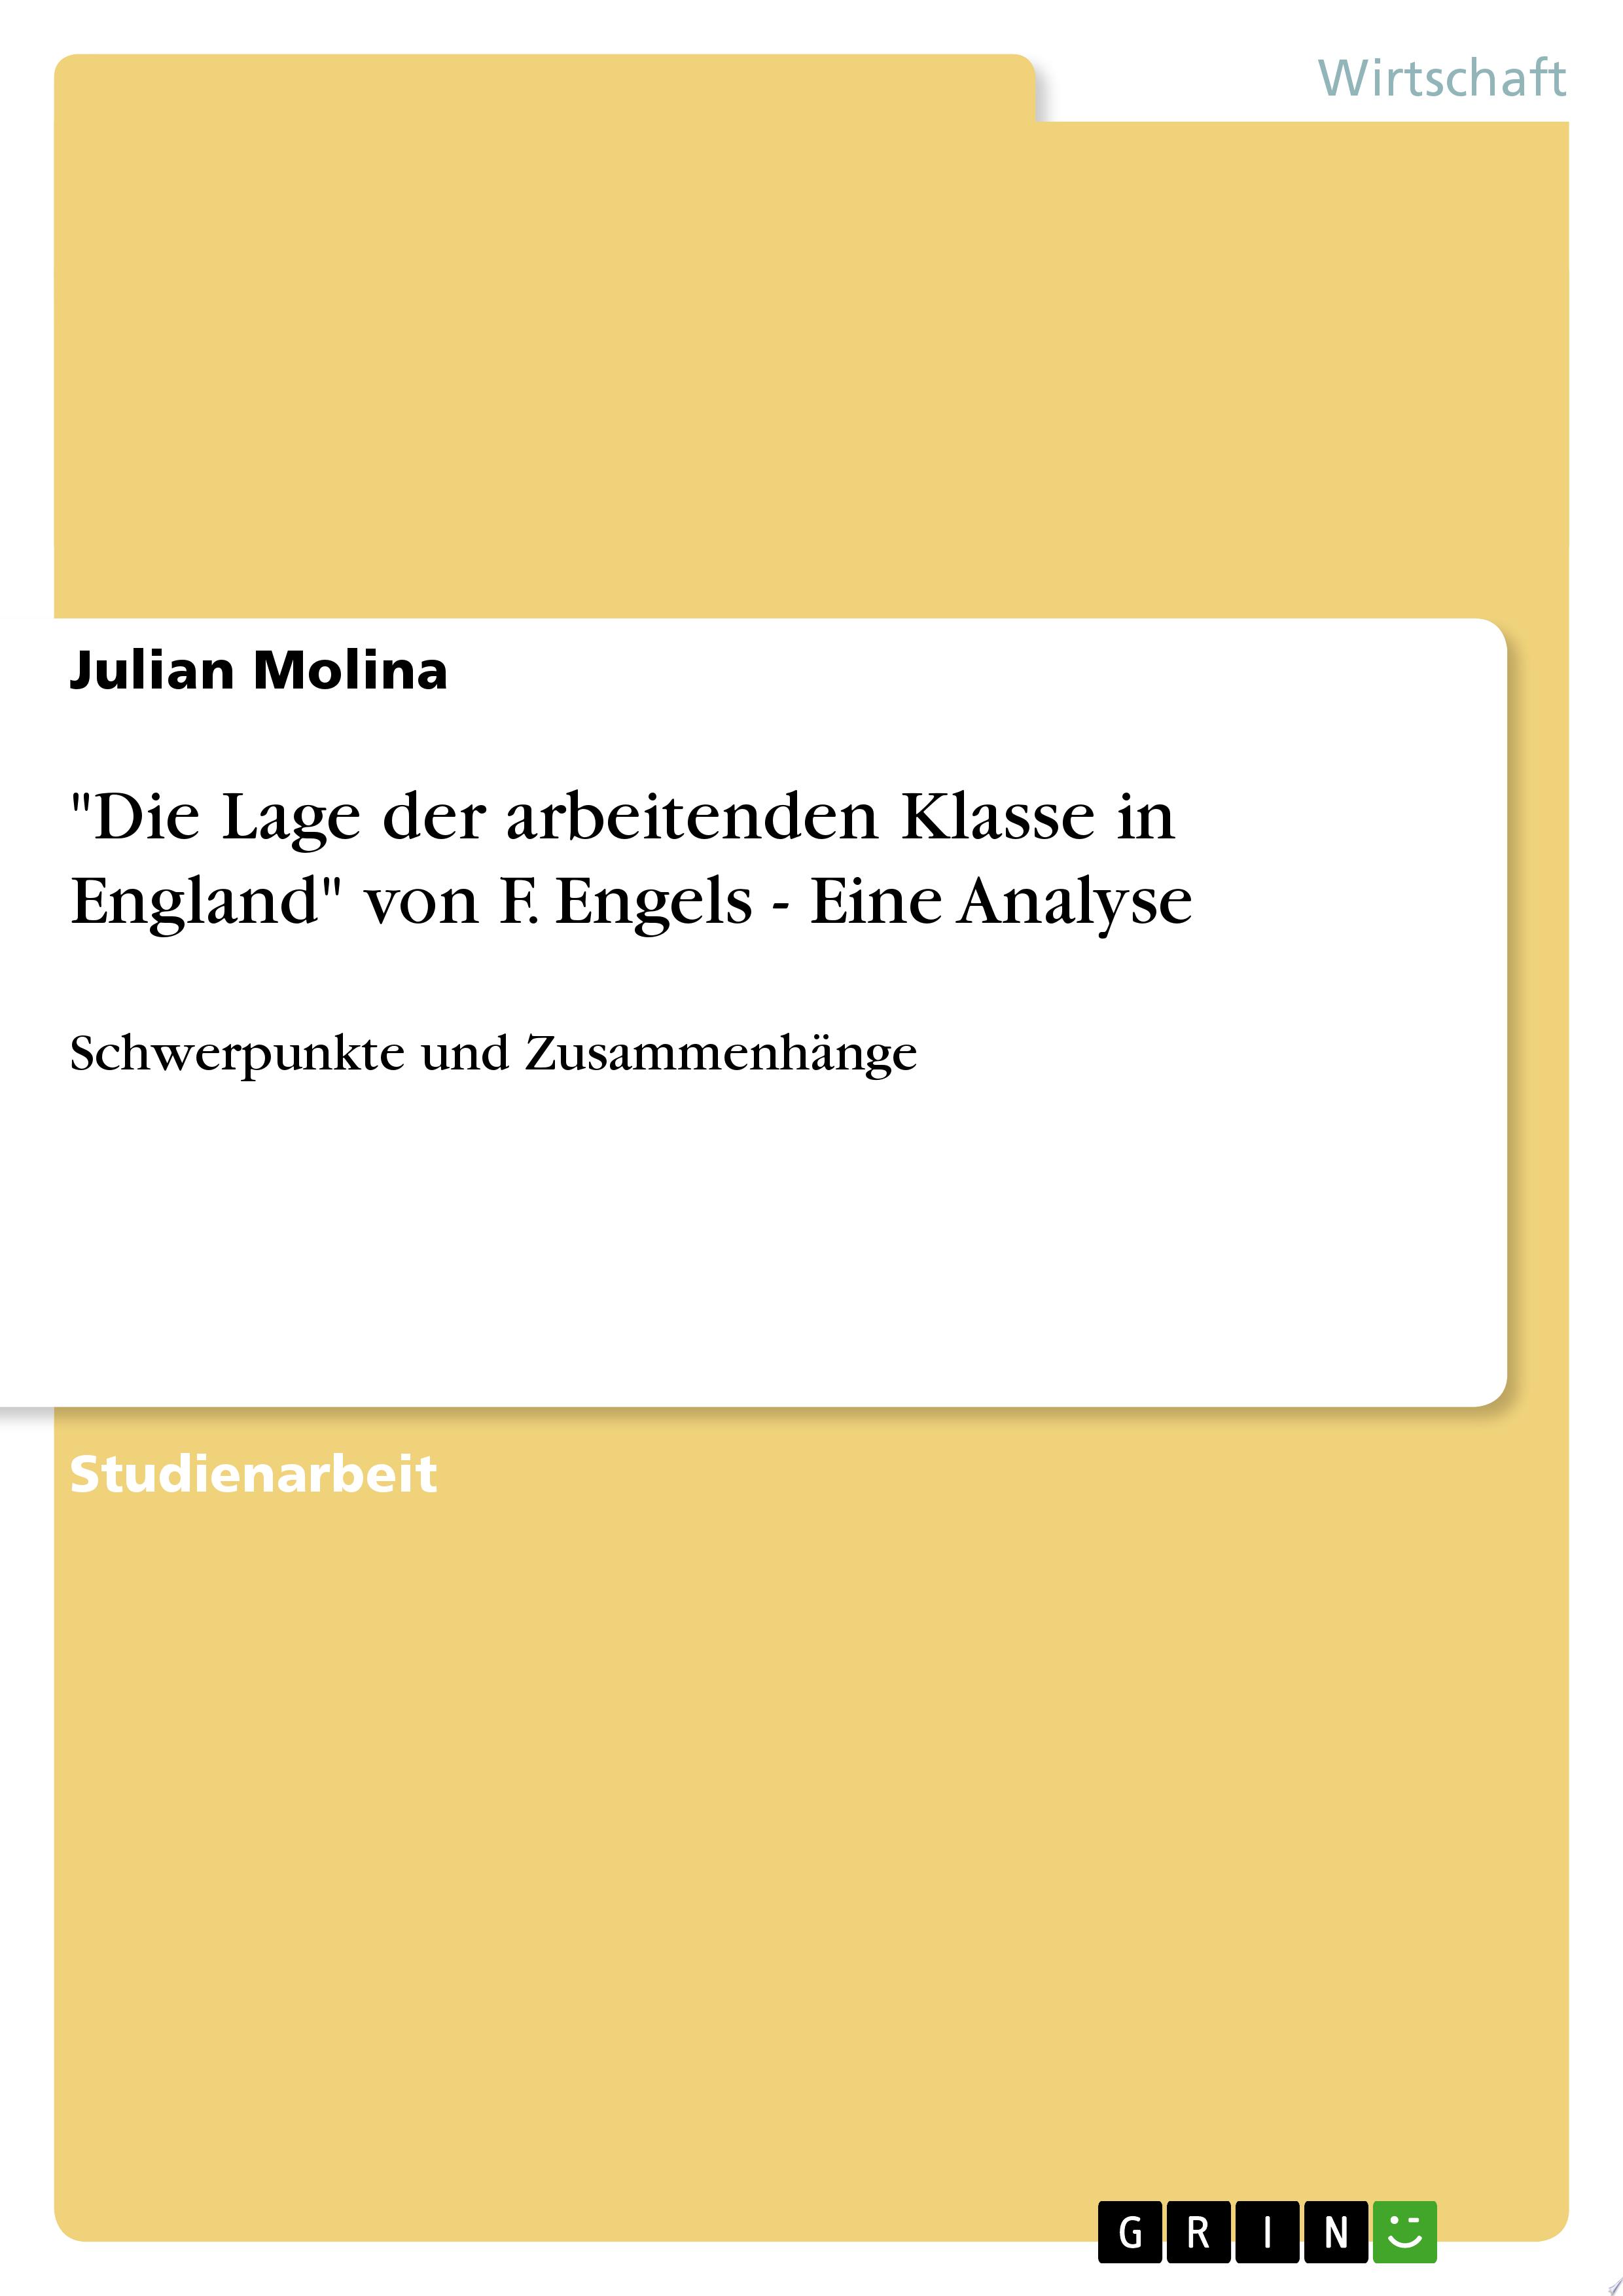 Die Lage der arbeitenden Klasse in England  von F  Engels   Eine Analyse